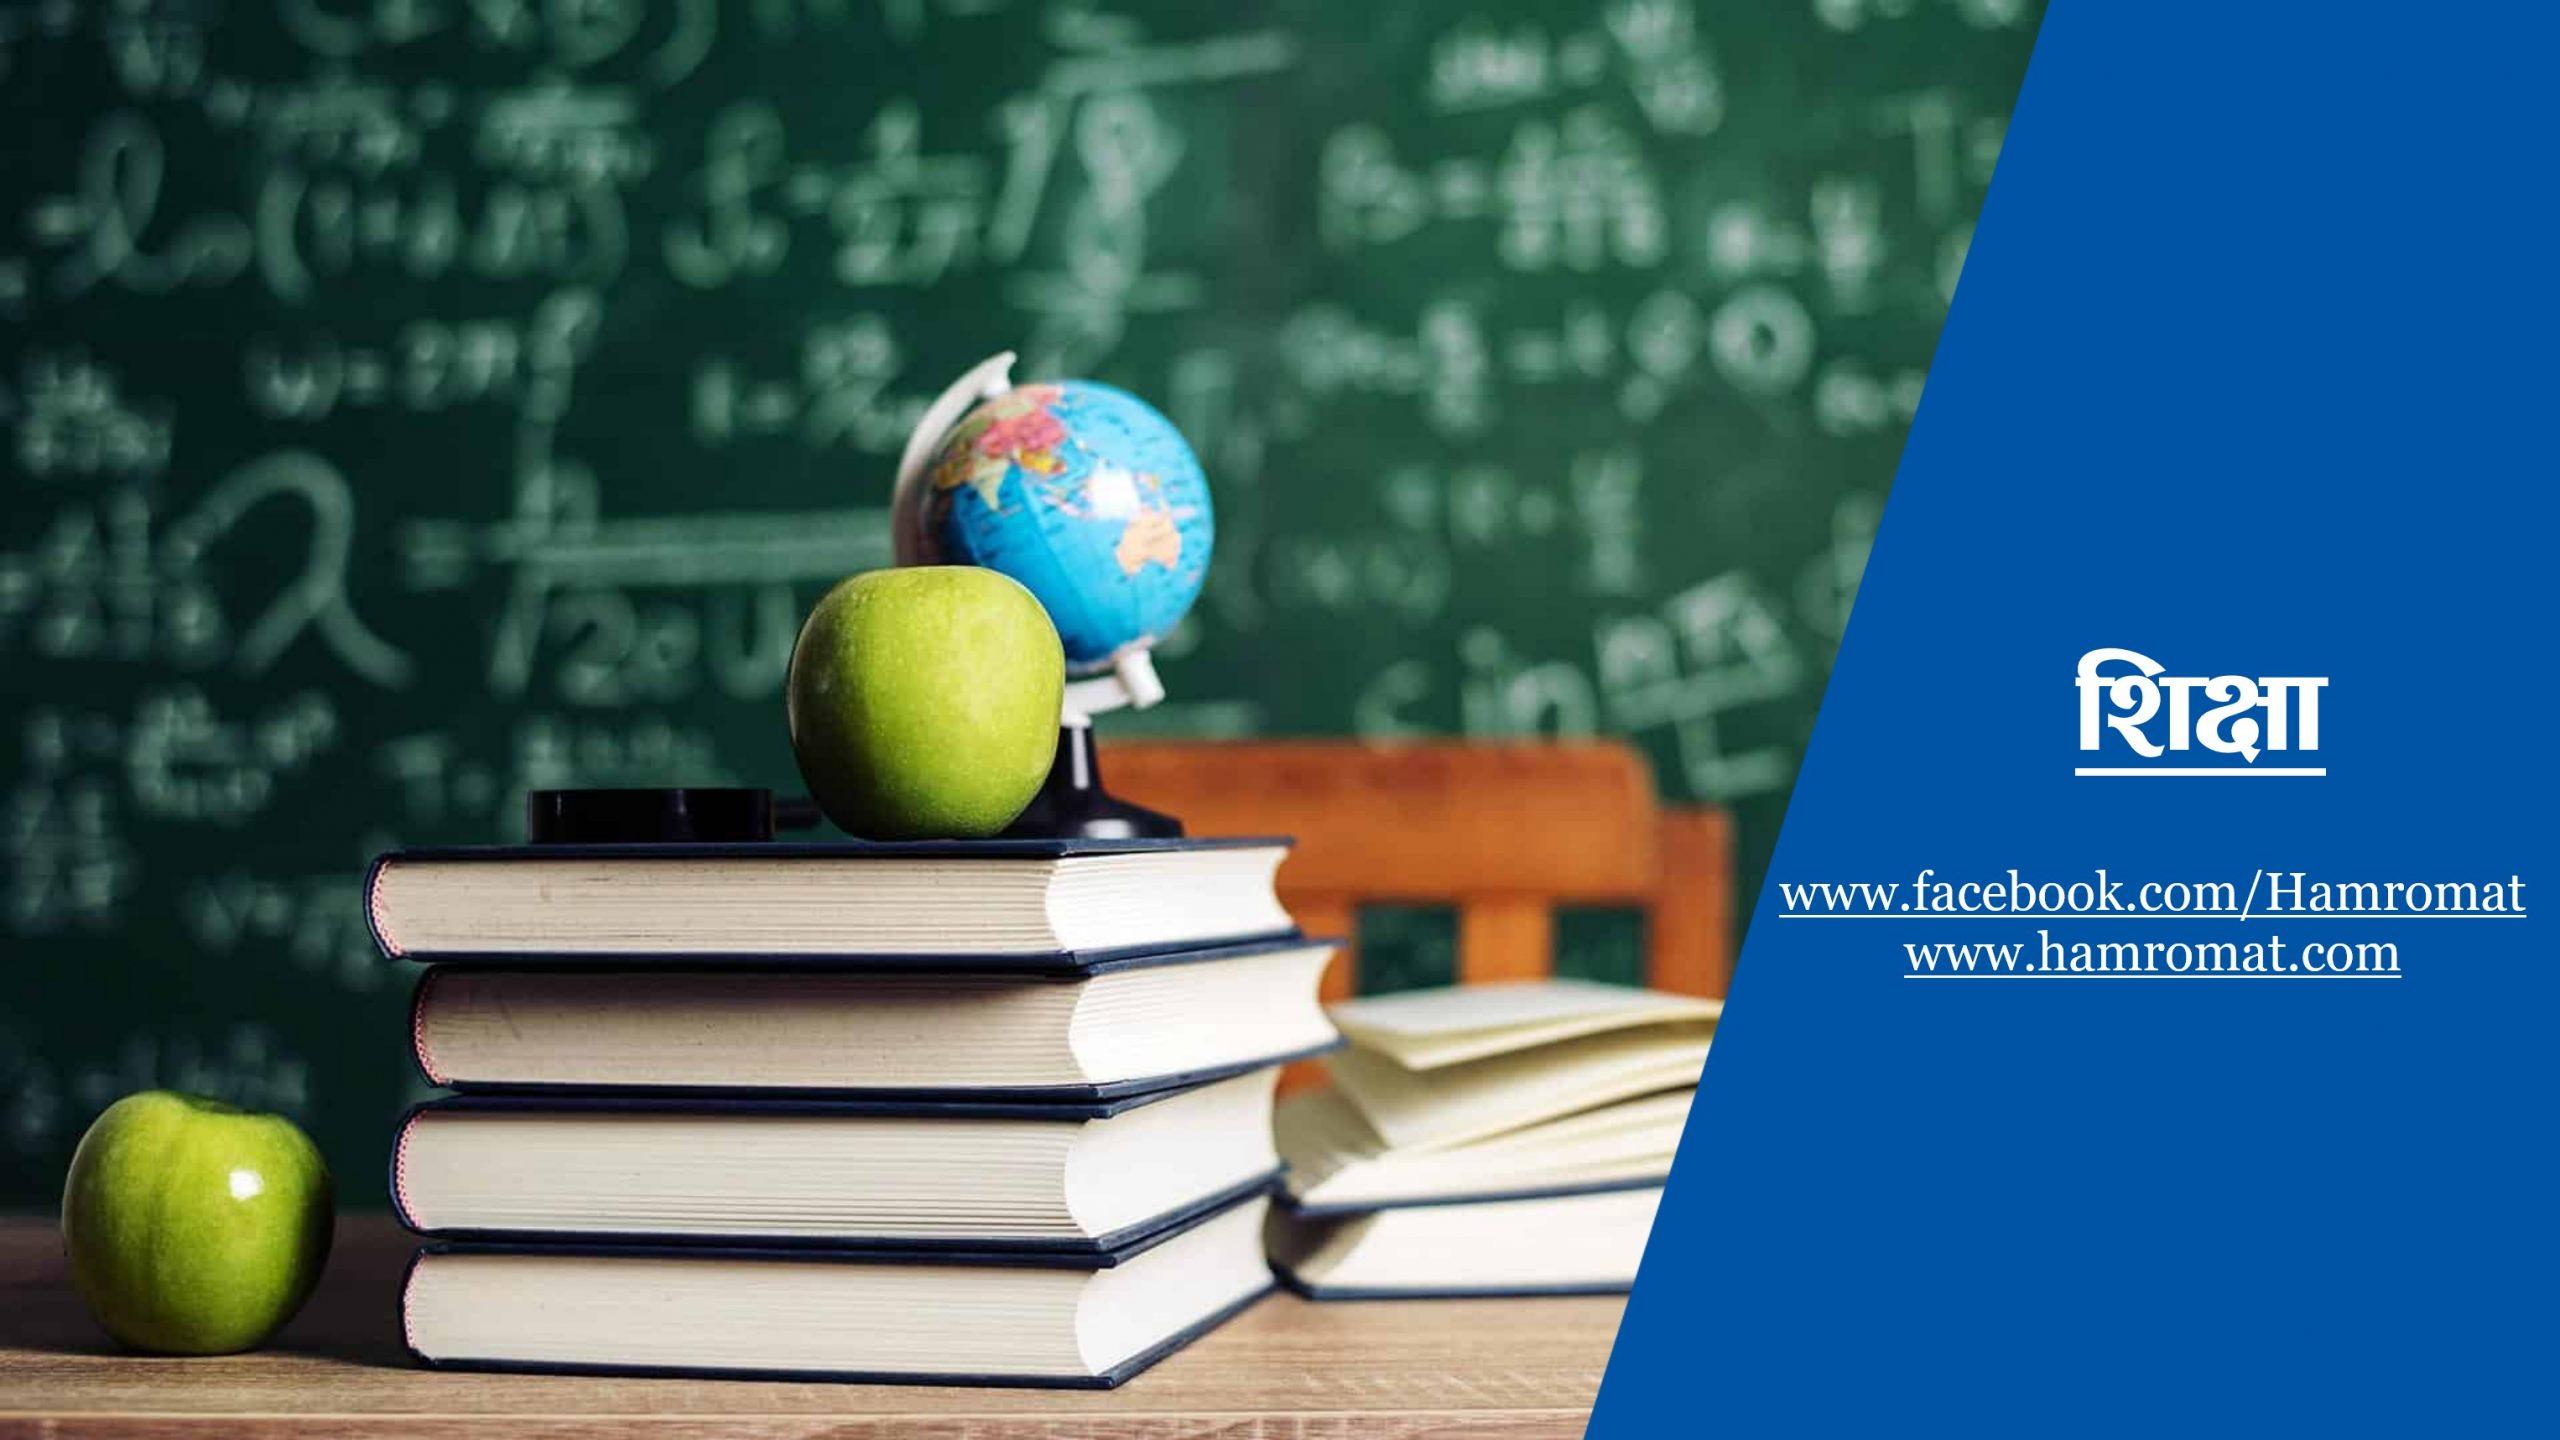 उपत्यकाको अनलाइन शिक्षा शुल्कमा एकरुपता कायम गर्ने प्रयास